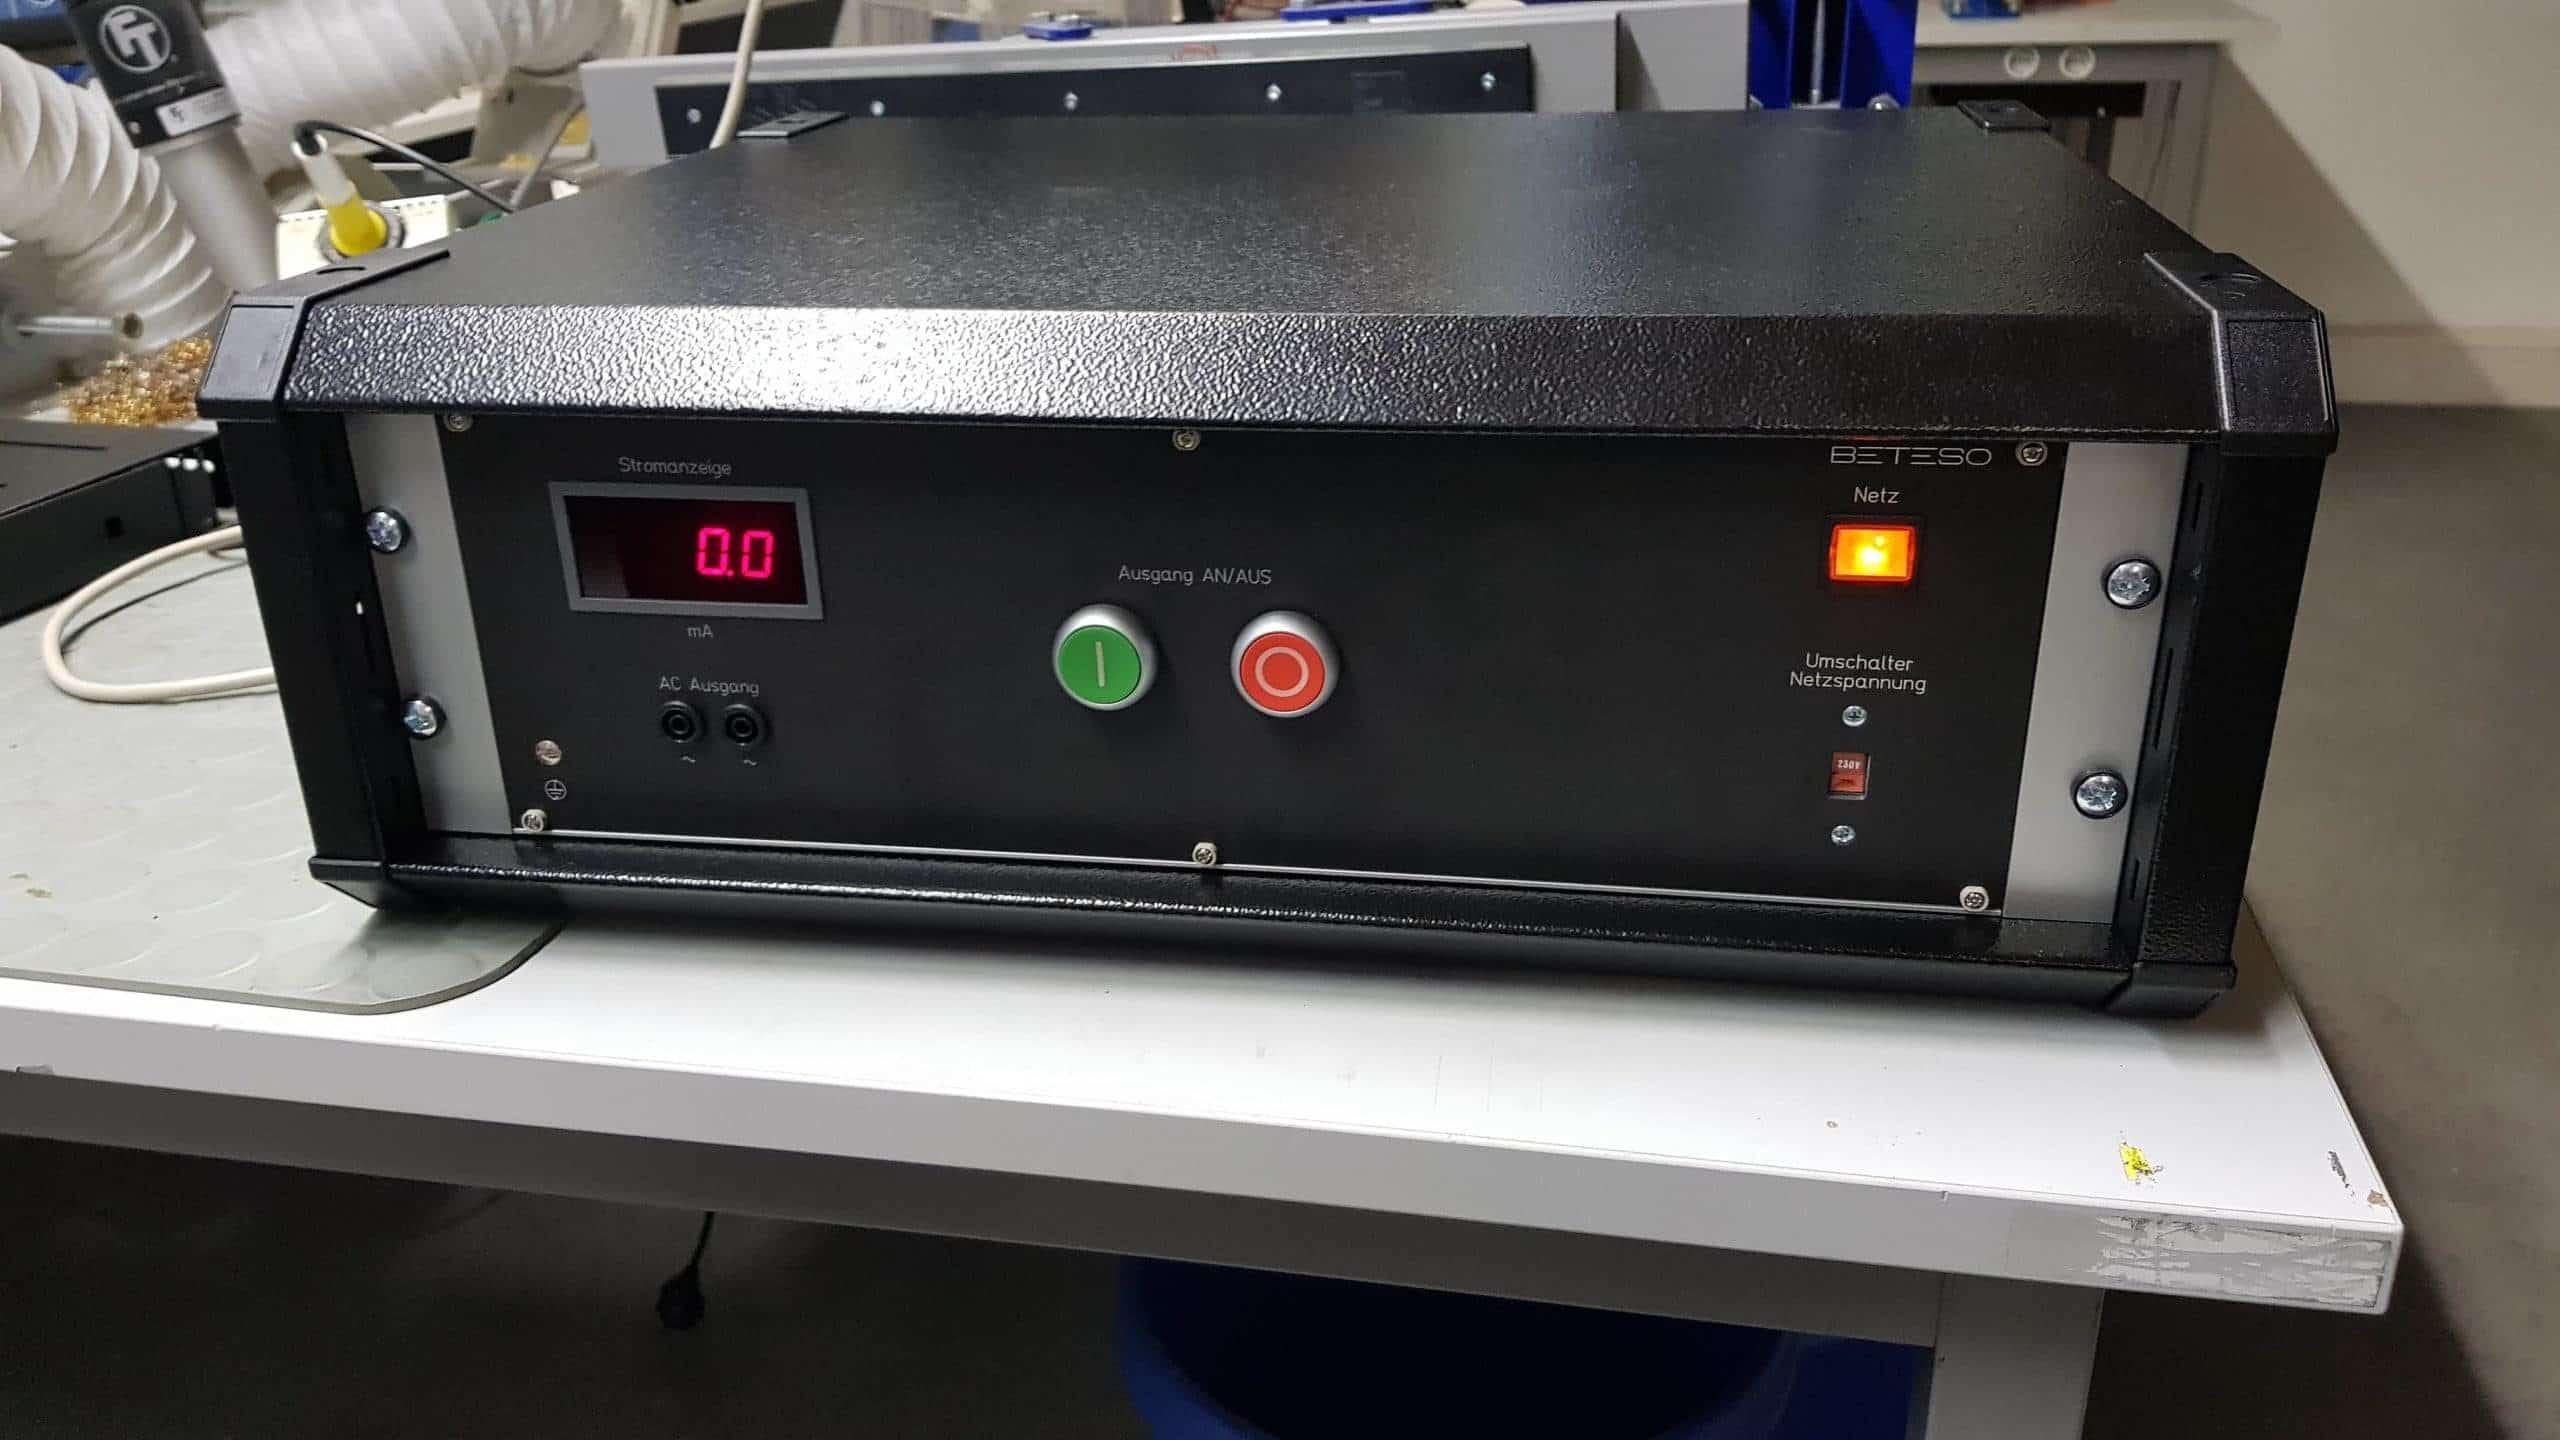 Plasma-Zündquelle für Mikroskop – Achtung Hochspannung!